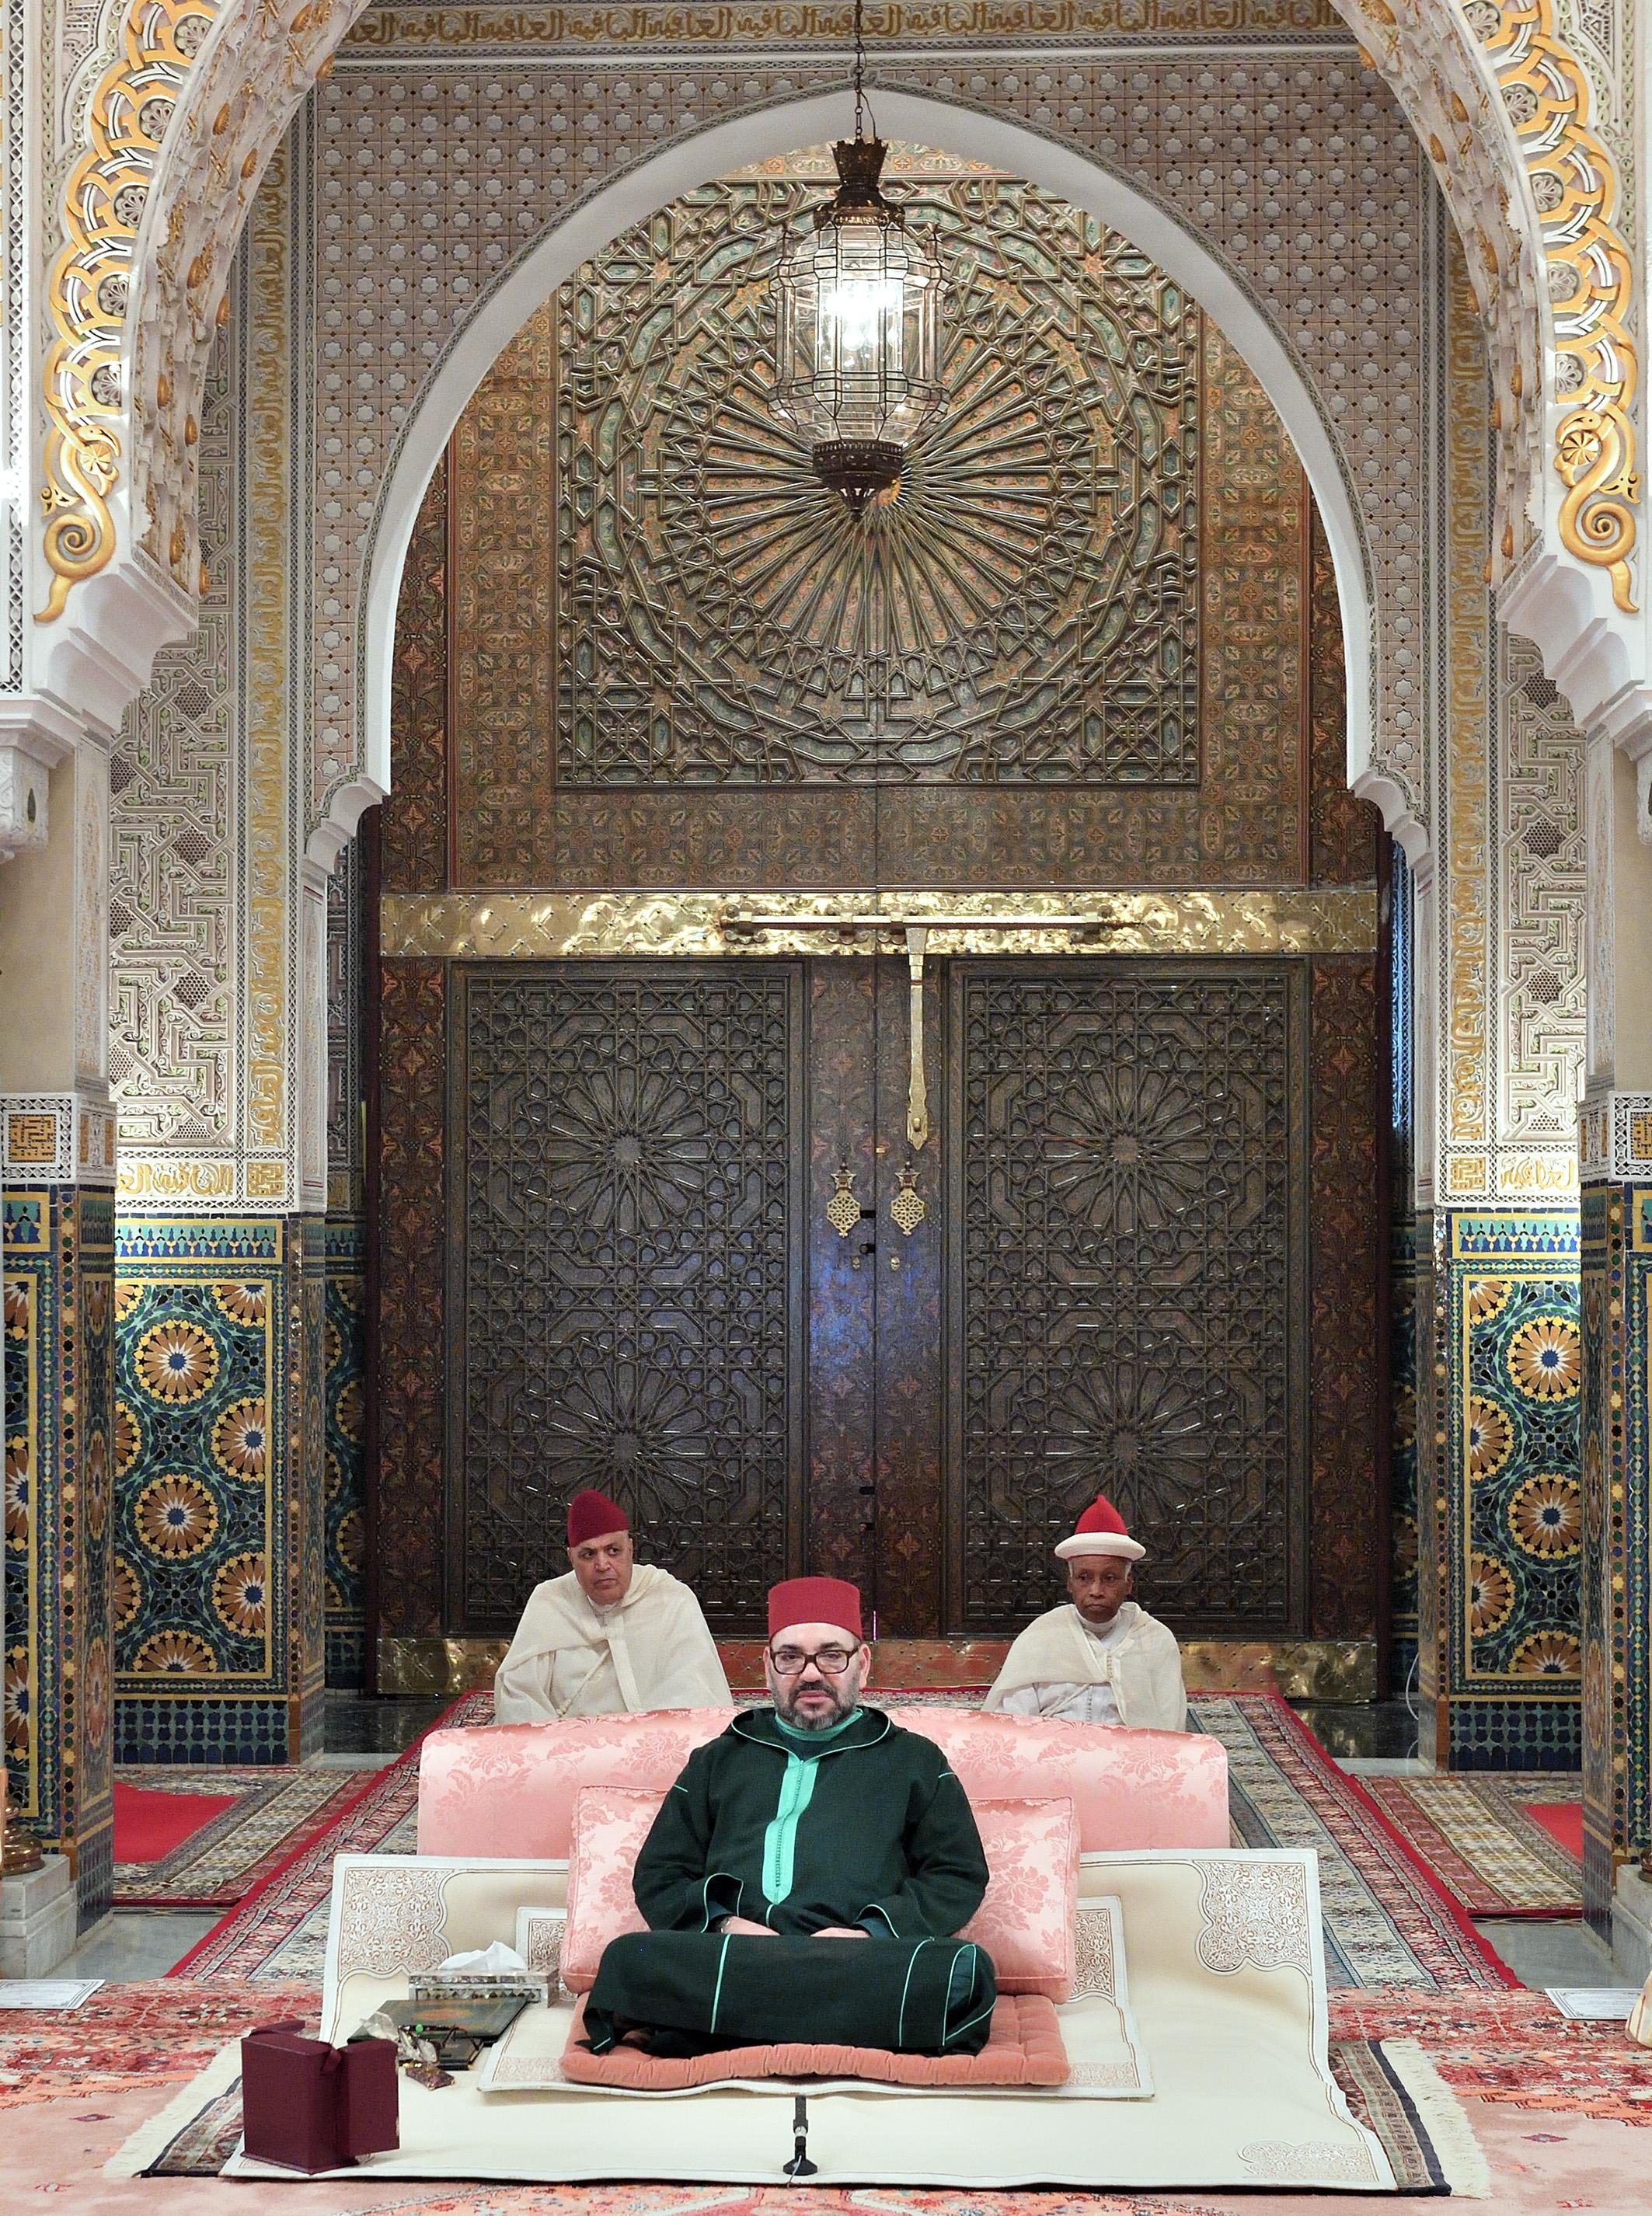 أمير المؤمنين يترأس الدرس الخامس من سلسلة الدروس الحسنية الرمضانية